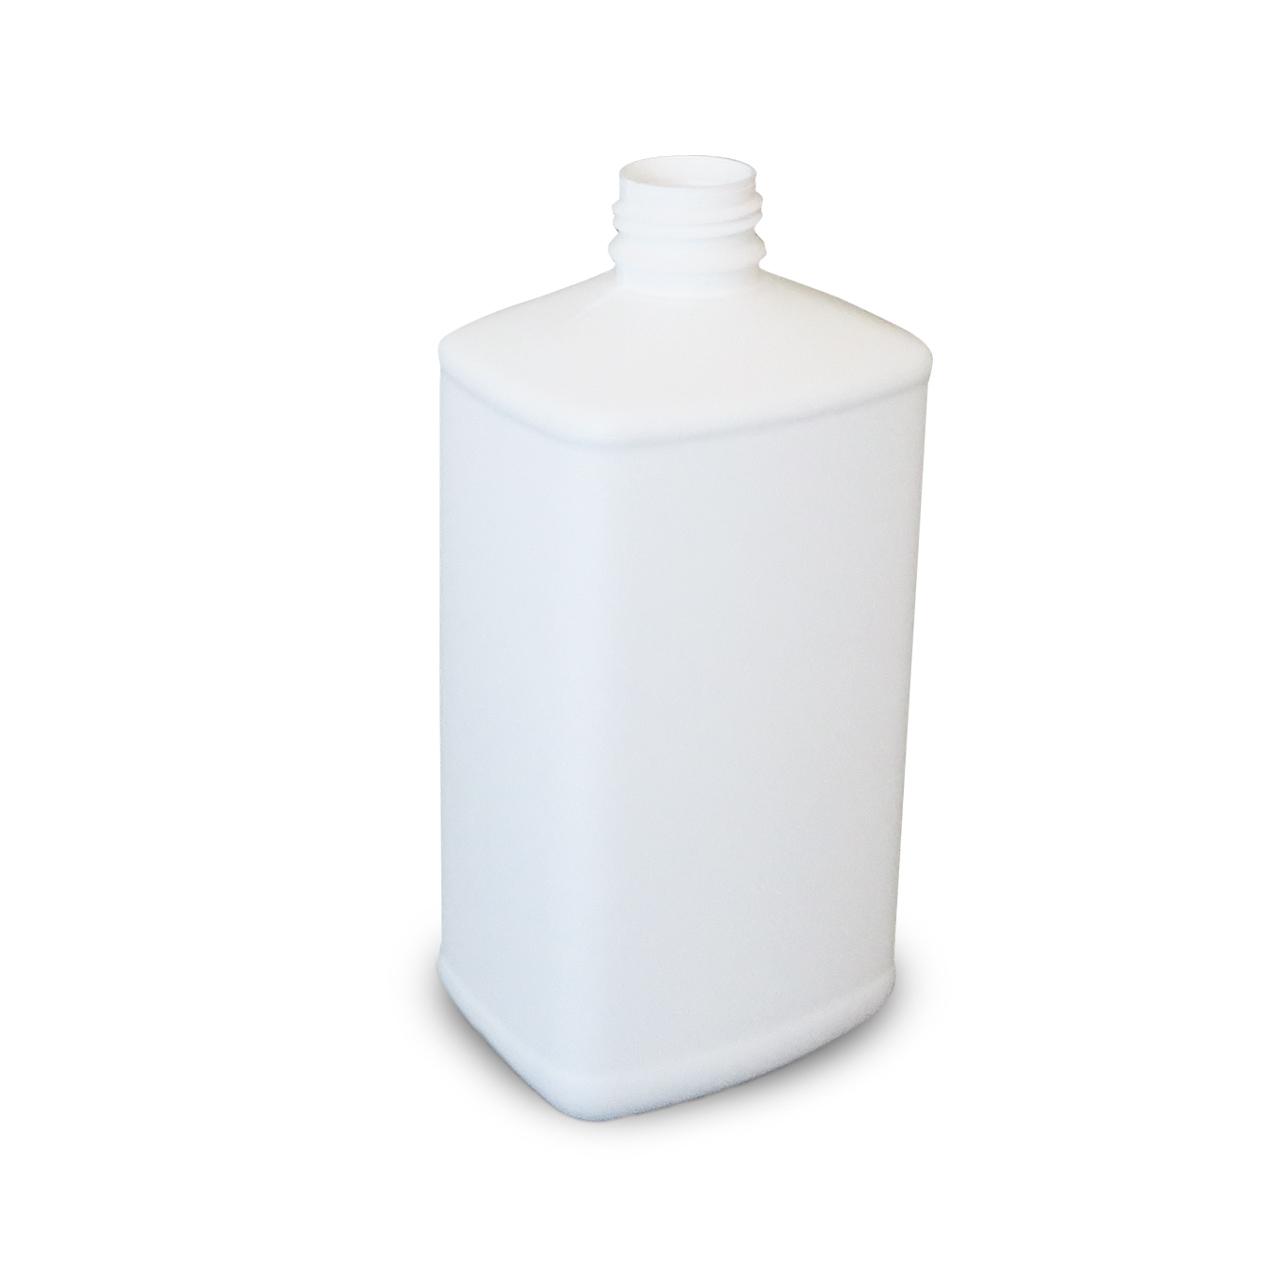 1000 ml Kunststoffflasche, weiß, eckig, EÖ 32, FDA, o. UN